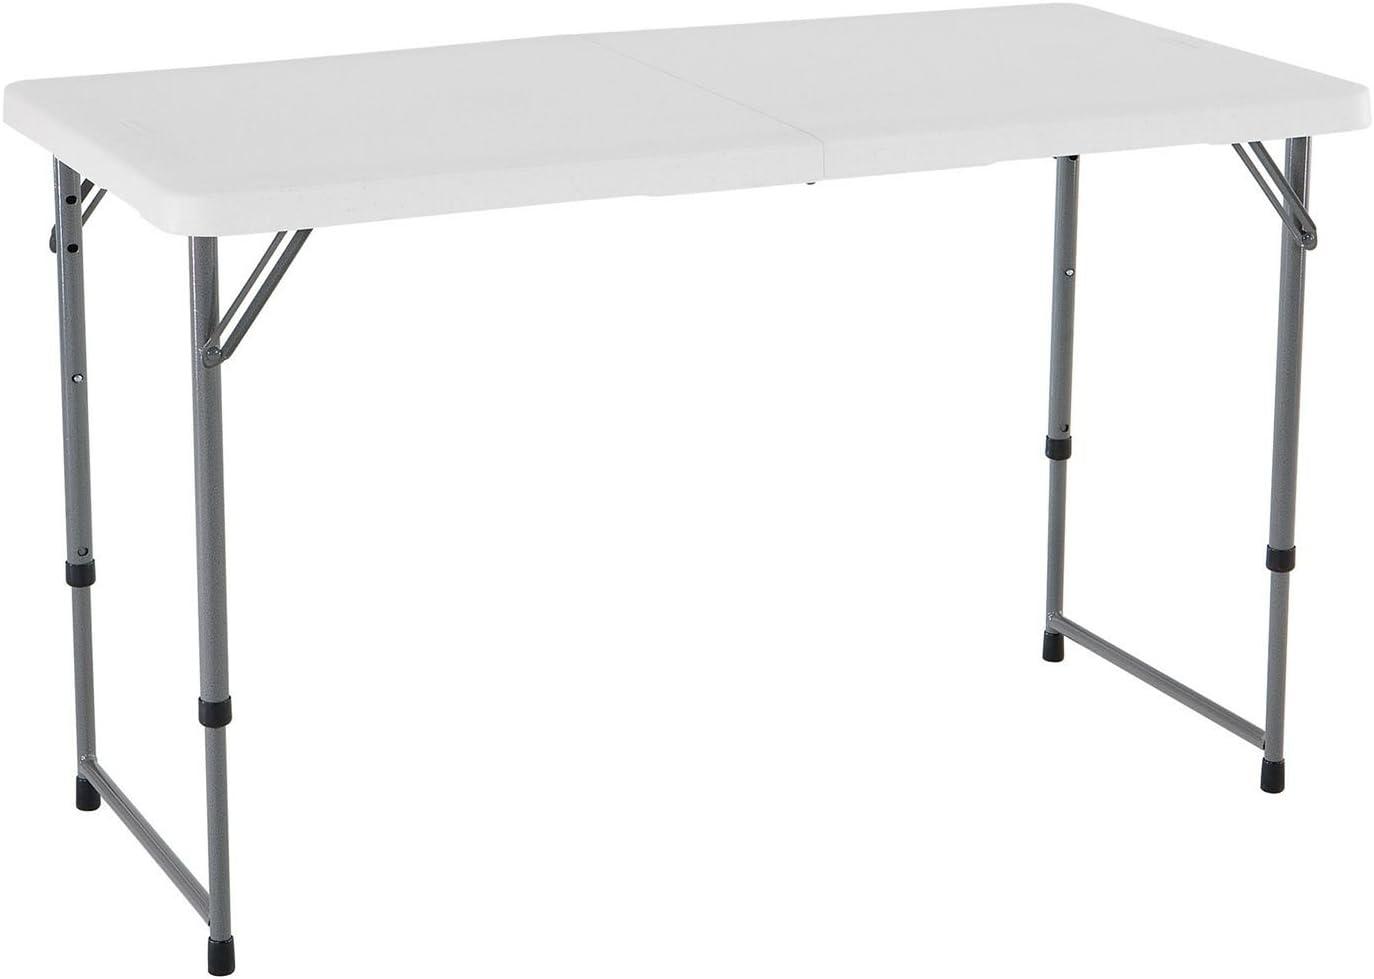 Lifetime 4' Light Adjustable Fold-in-half Commercial Grade Table, White Granite